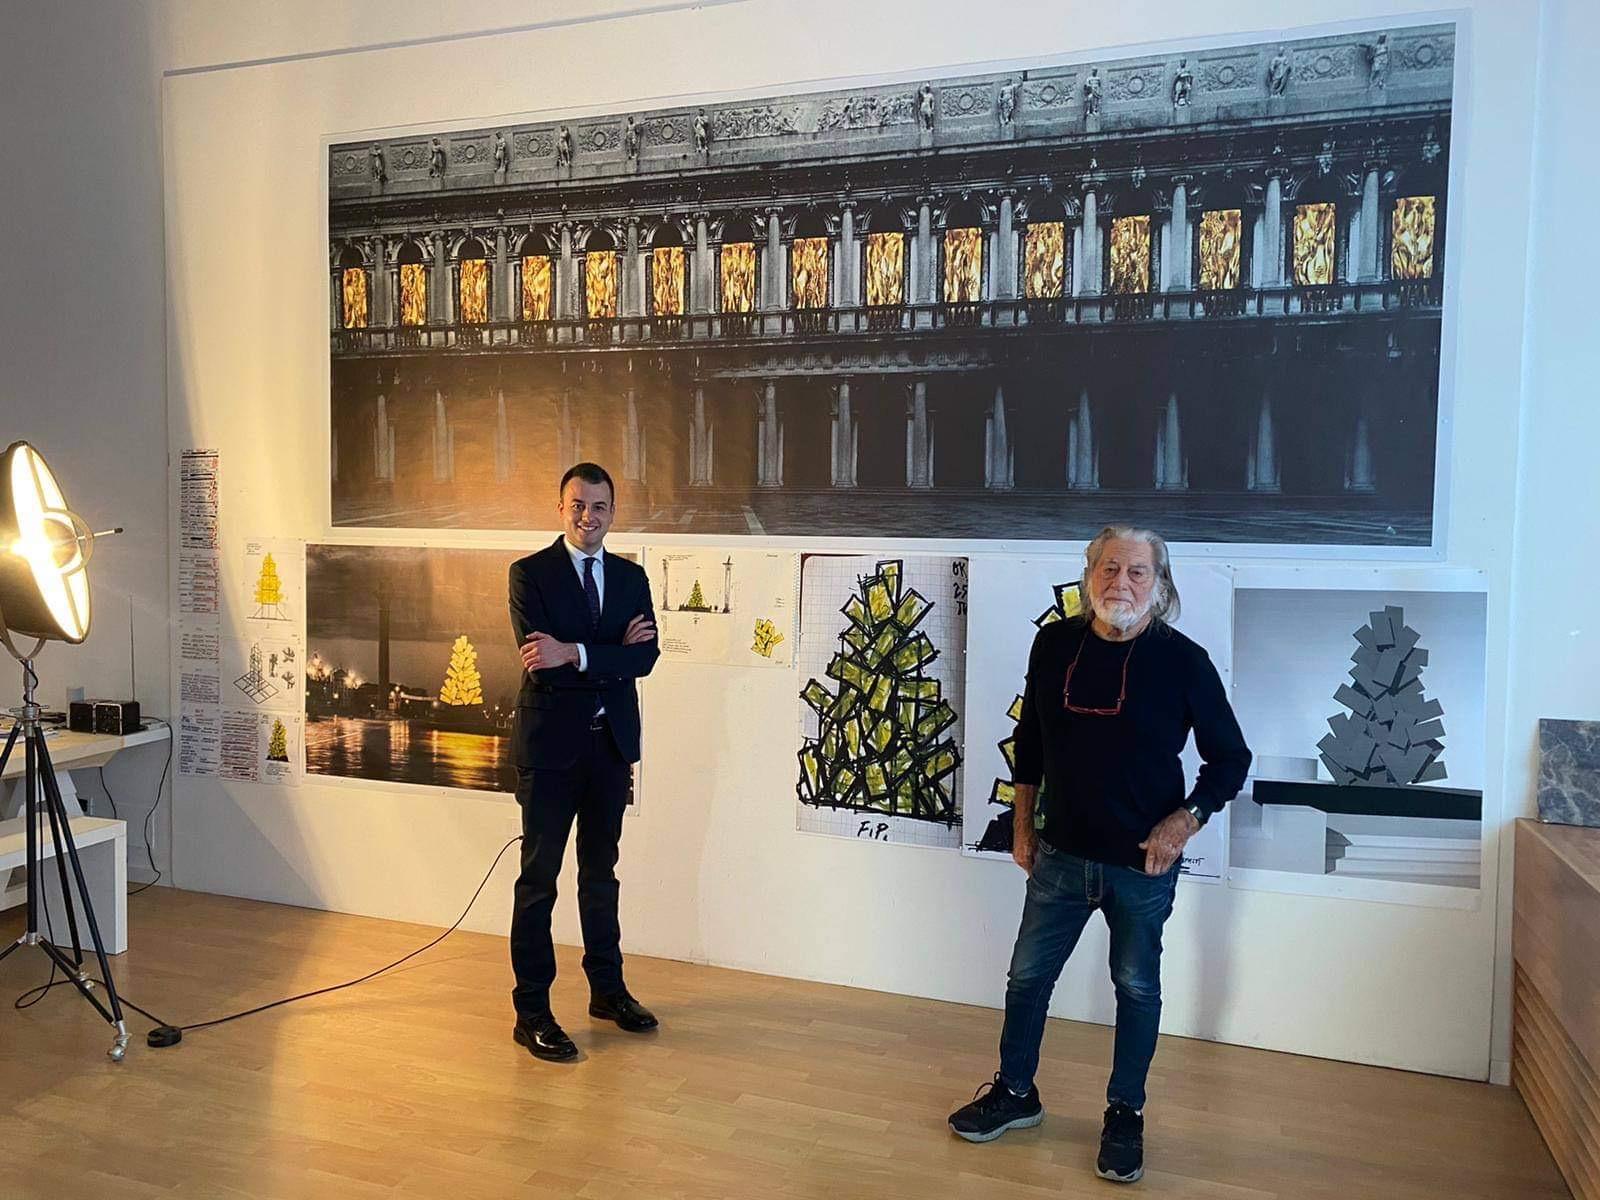 Фабрицио Плесси представляет проекты своих инсталляций. Источник иллюстрации: Твиттер коммуны Венеция